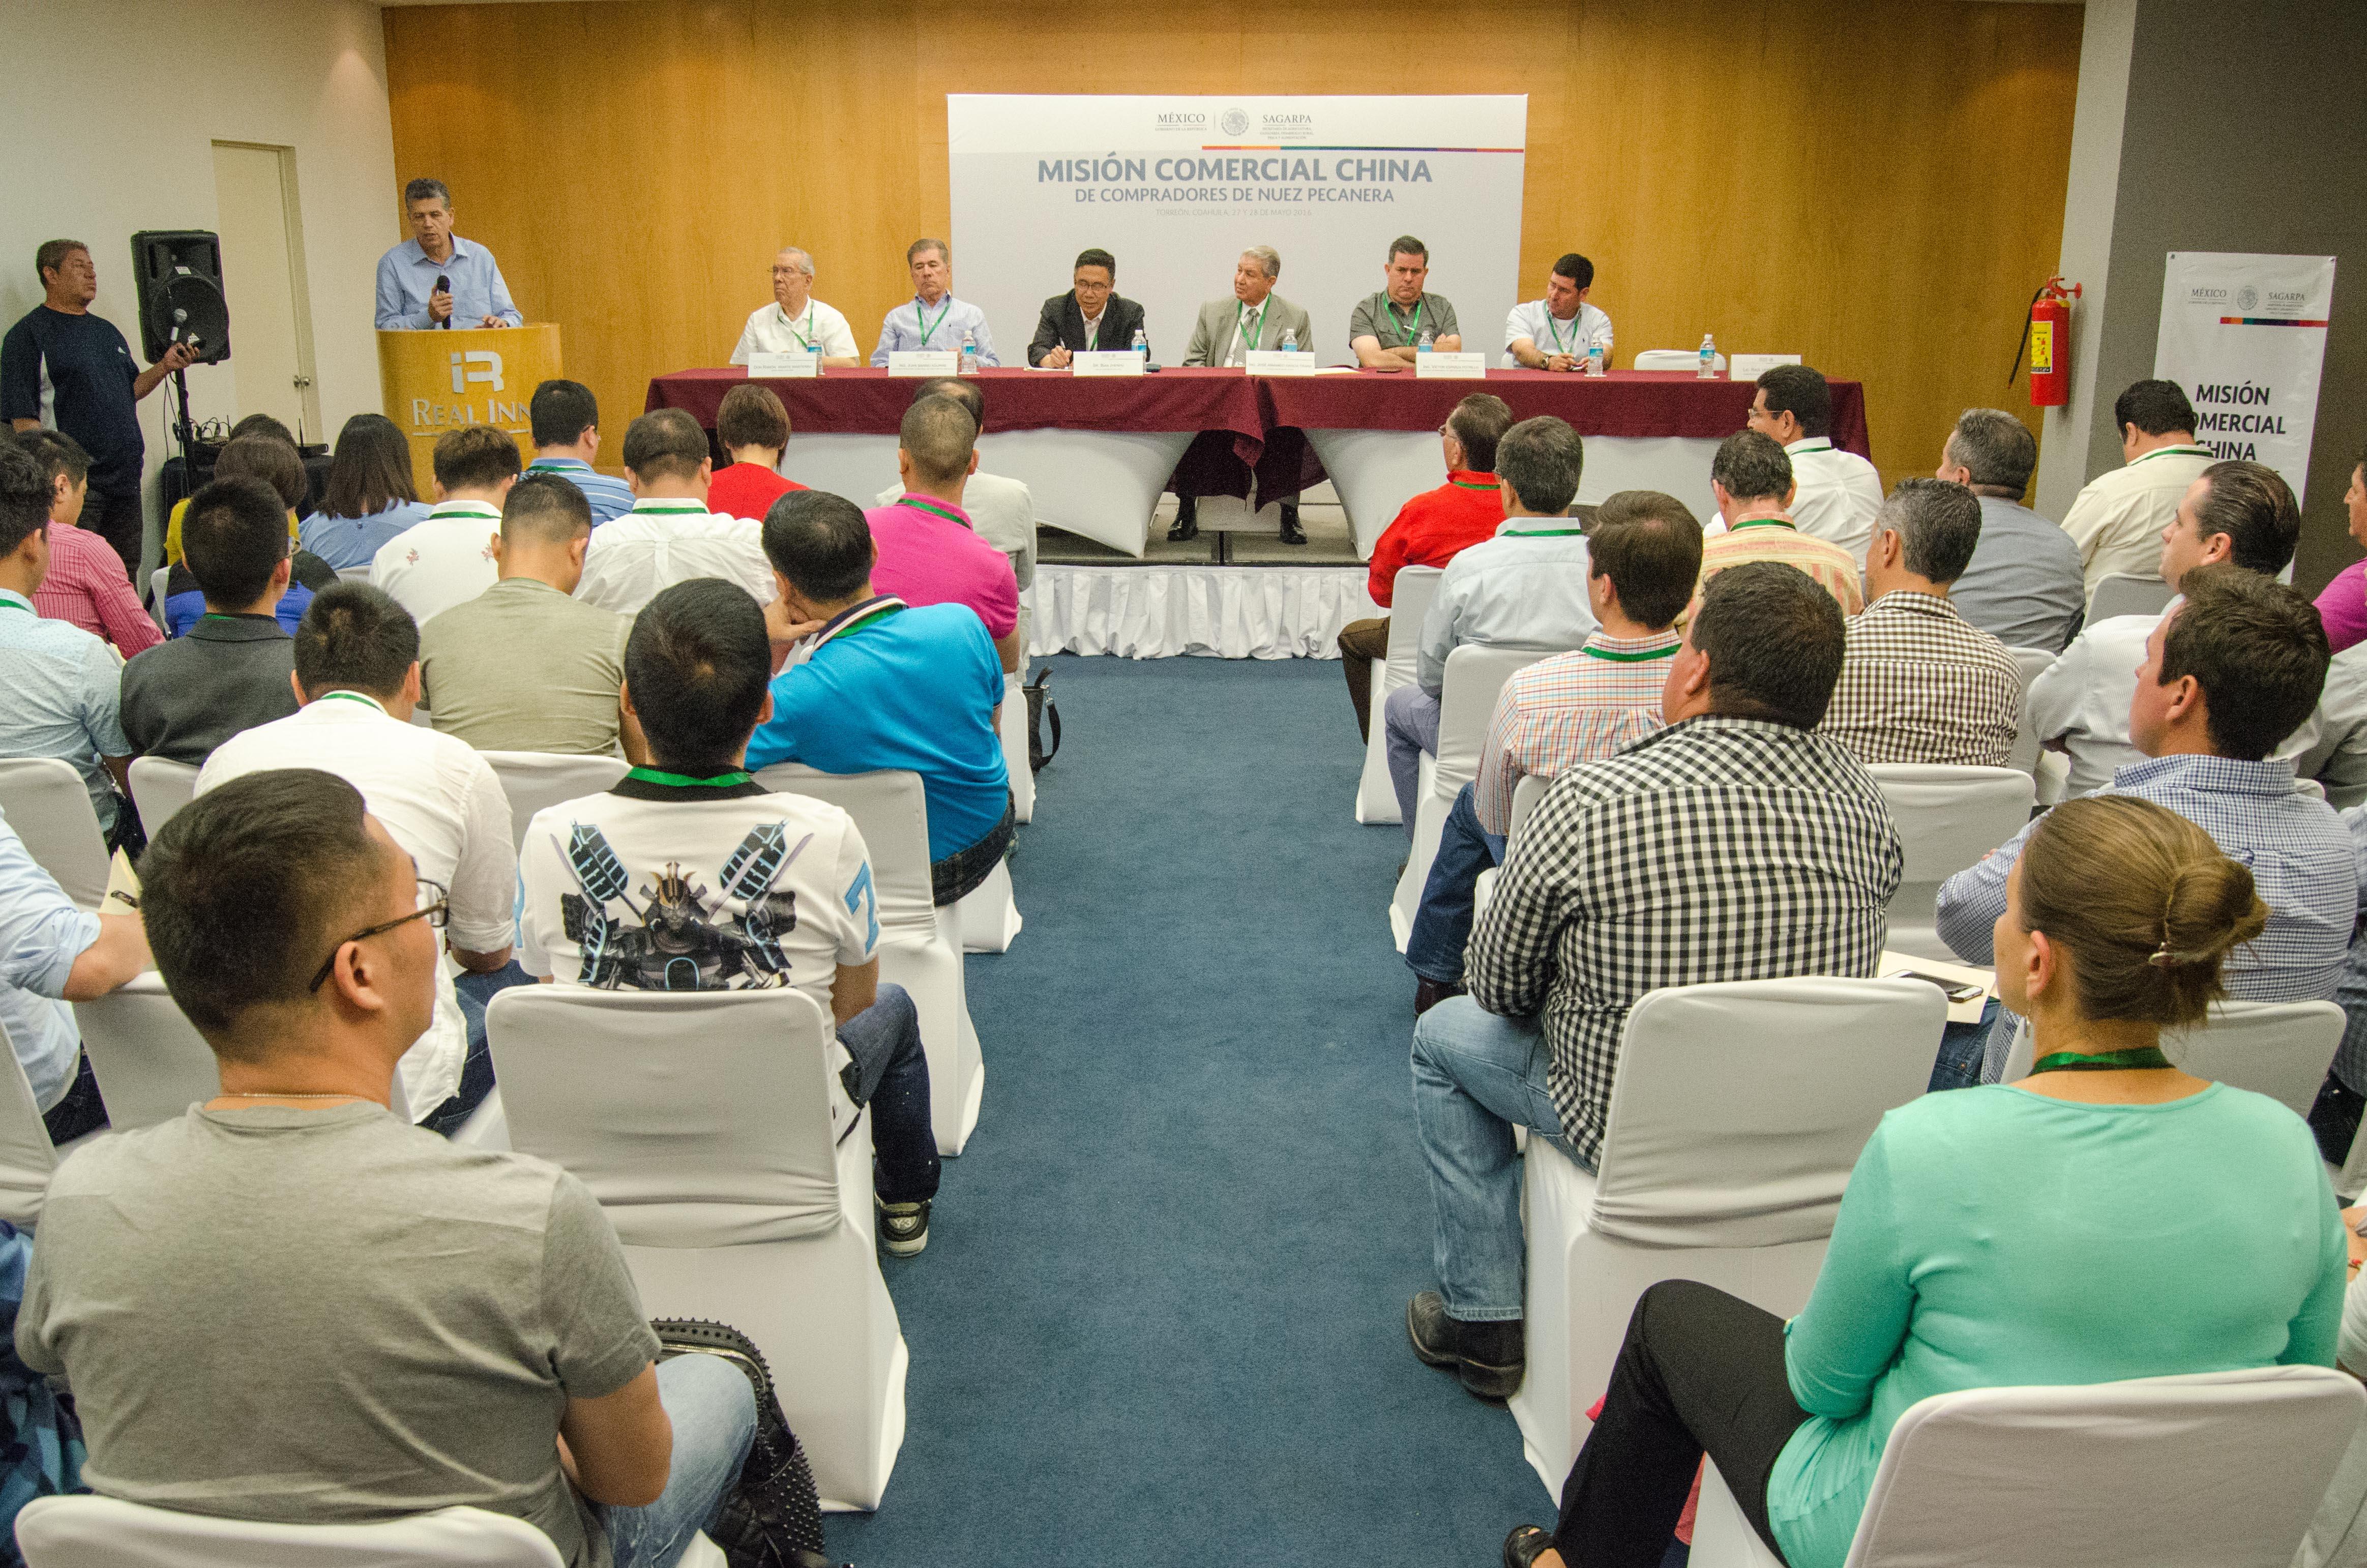 La SAGARPA coordinó la visita de una misión comercial de empresarios de la República Popular de China, interesados en adquirir nuez pecanera de México directamente de los productores de la Región Lagunera.